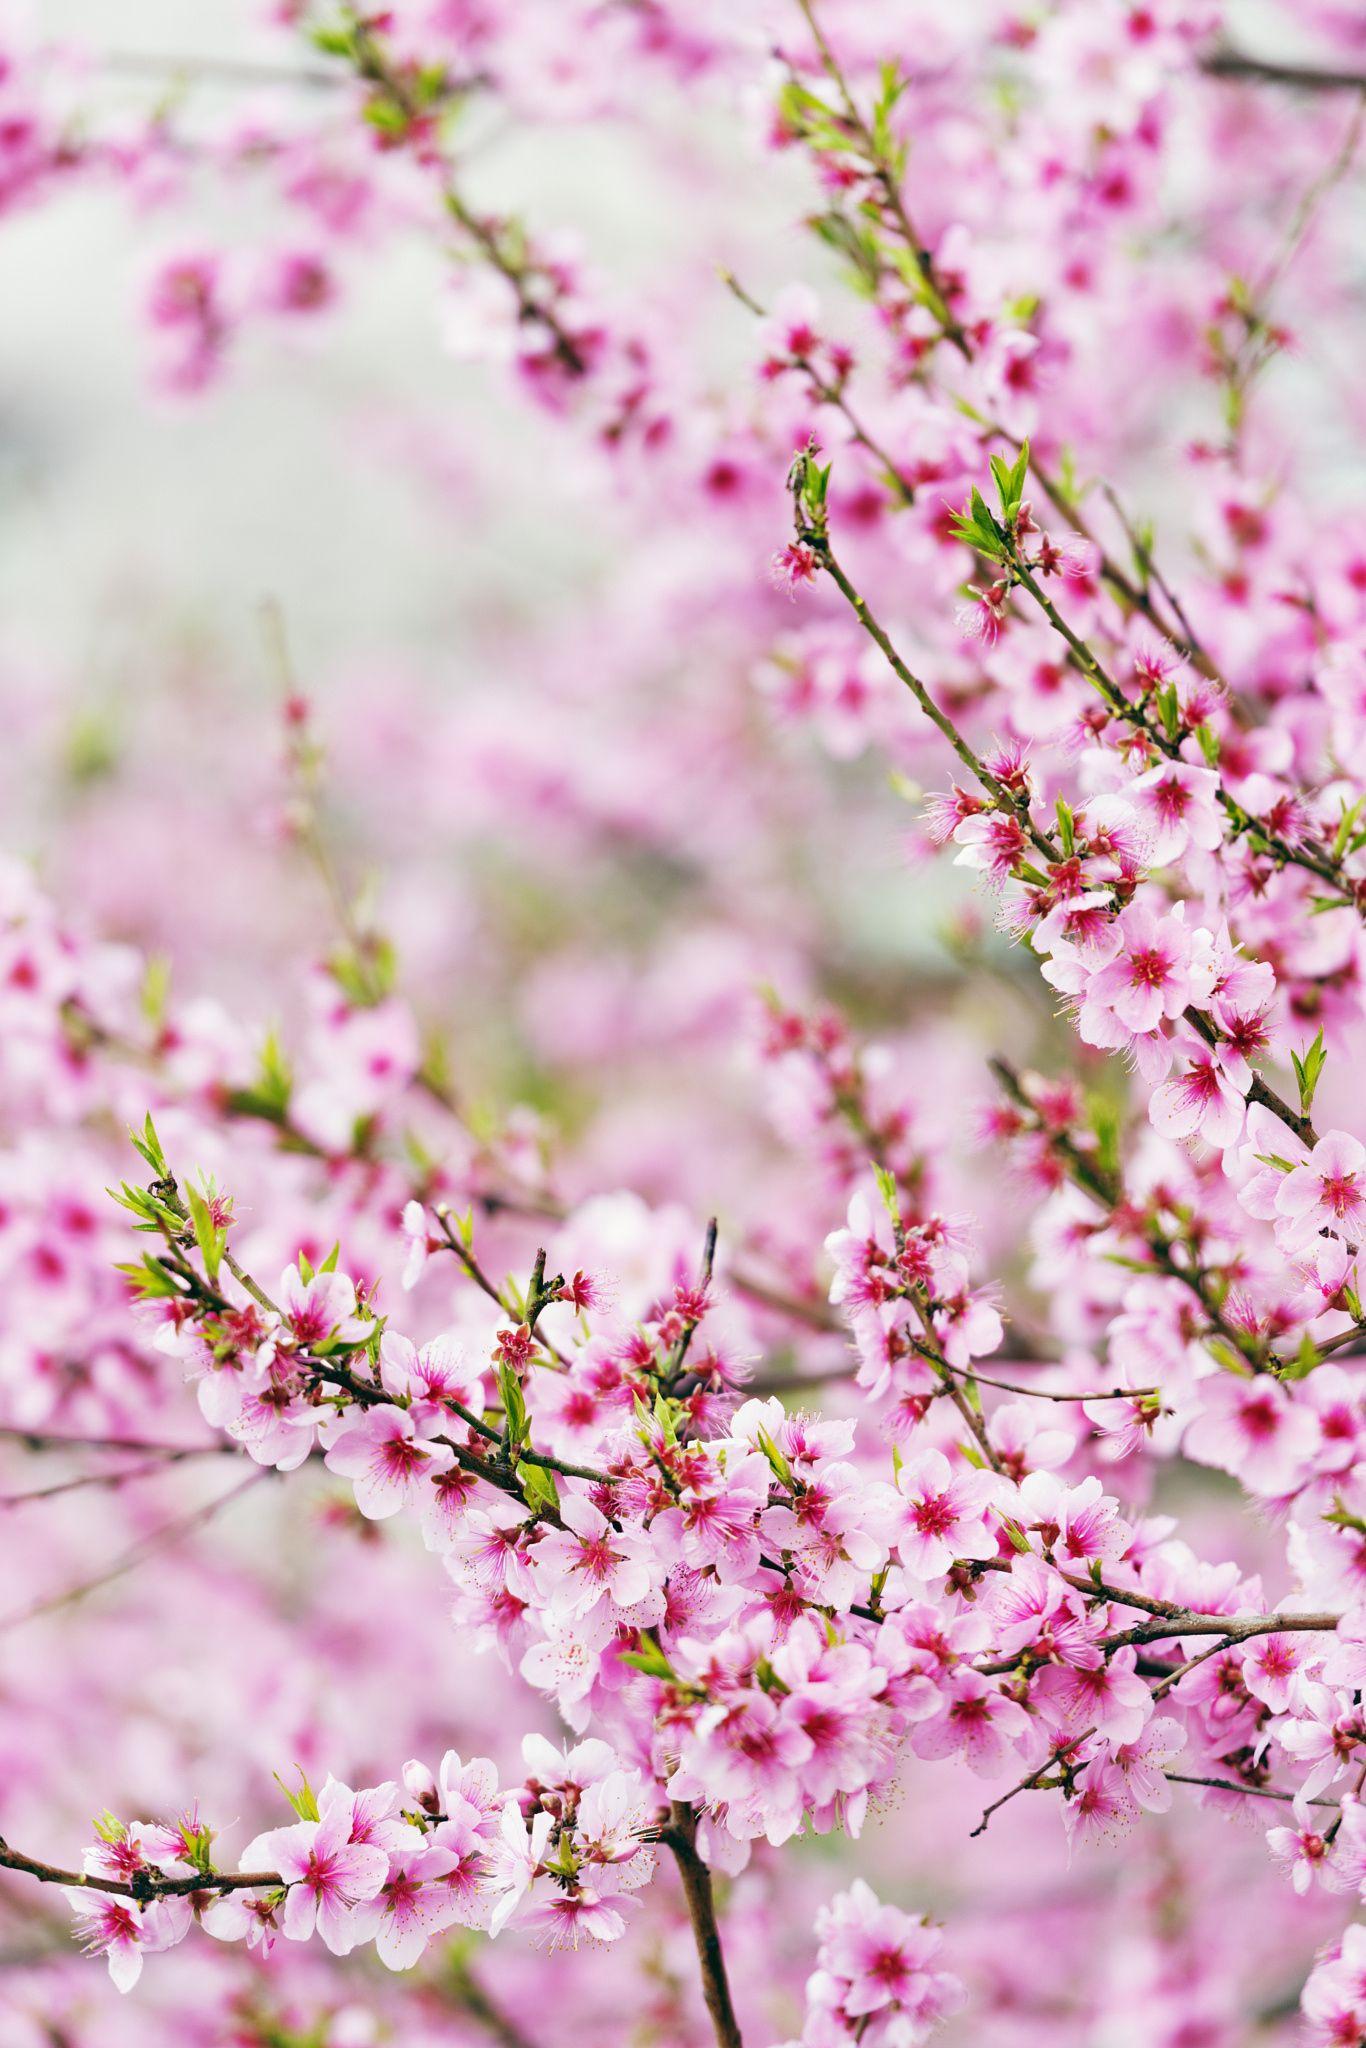 Spring Cherry Blossom Festival Jinhei South Korea Asia Spring Cherry Cherry Blossom Wallpaper Beautiful Flowers Wallpapers Cherry Blossom Festival